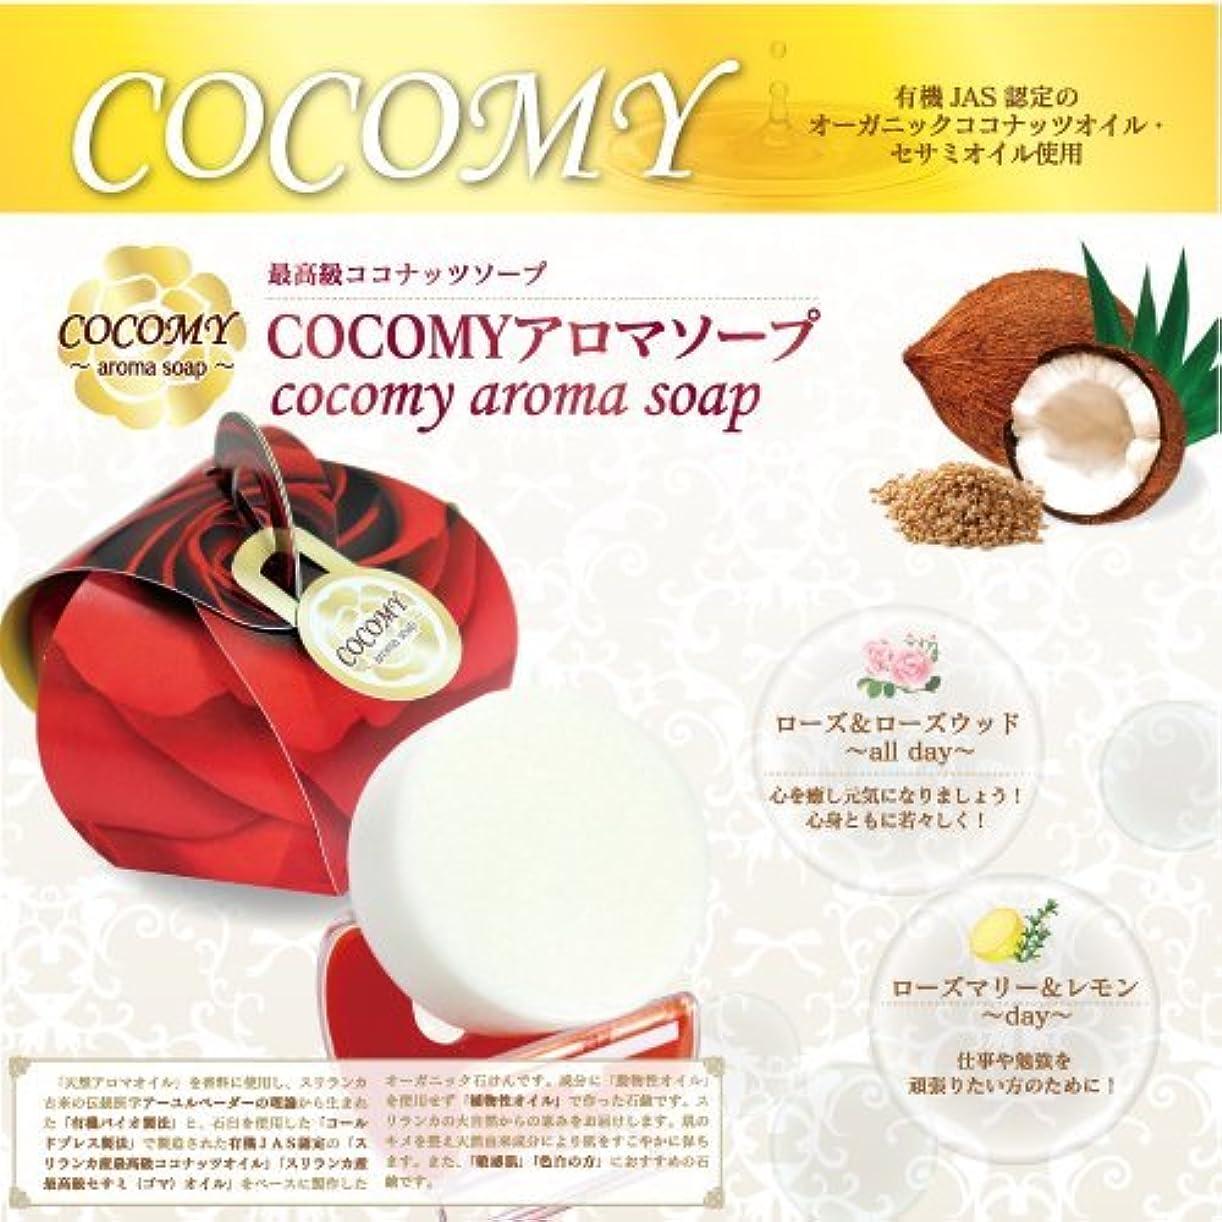 サークル肉予防接種COCOMY aromaソープ 2個セット (ローズマリー&レモン)(ローズ&ローズウッド) 40g×各1